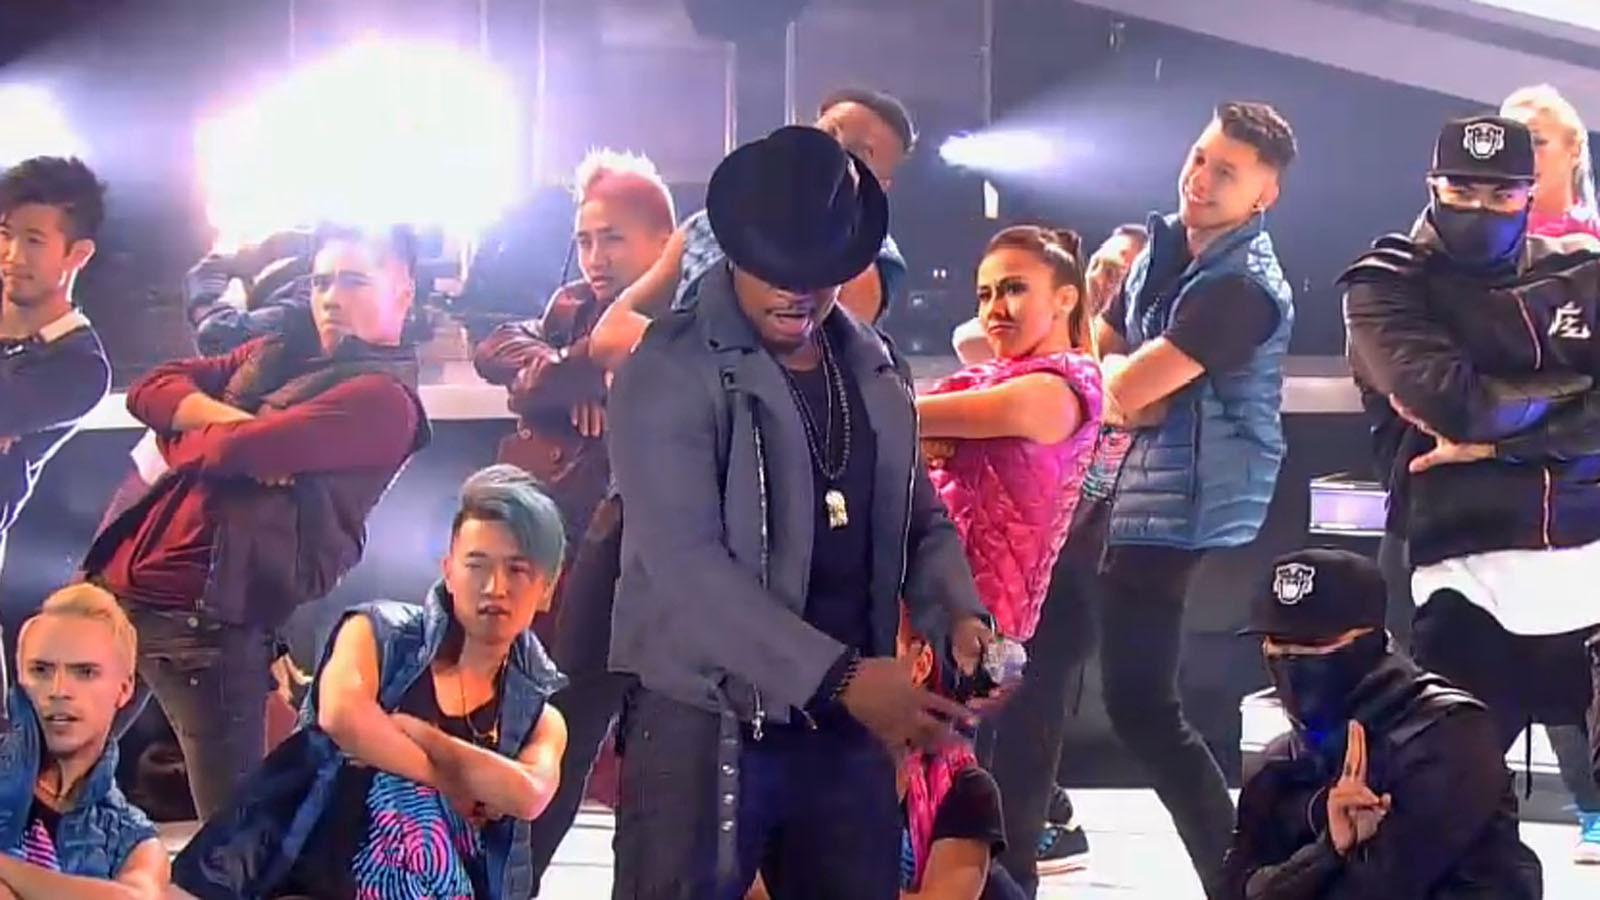 america s best dance crew America's best dance crew(アメリカズ ベスト ダンス クルー)は、2008年からmtvで放送されているアメリカ合衆国のテレビ番組で、全米規模で行なわれるストリートダンスバトル番組である.